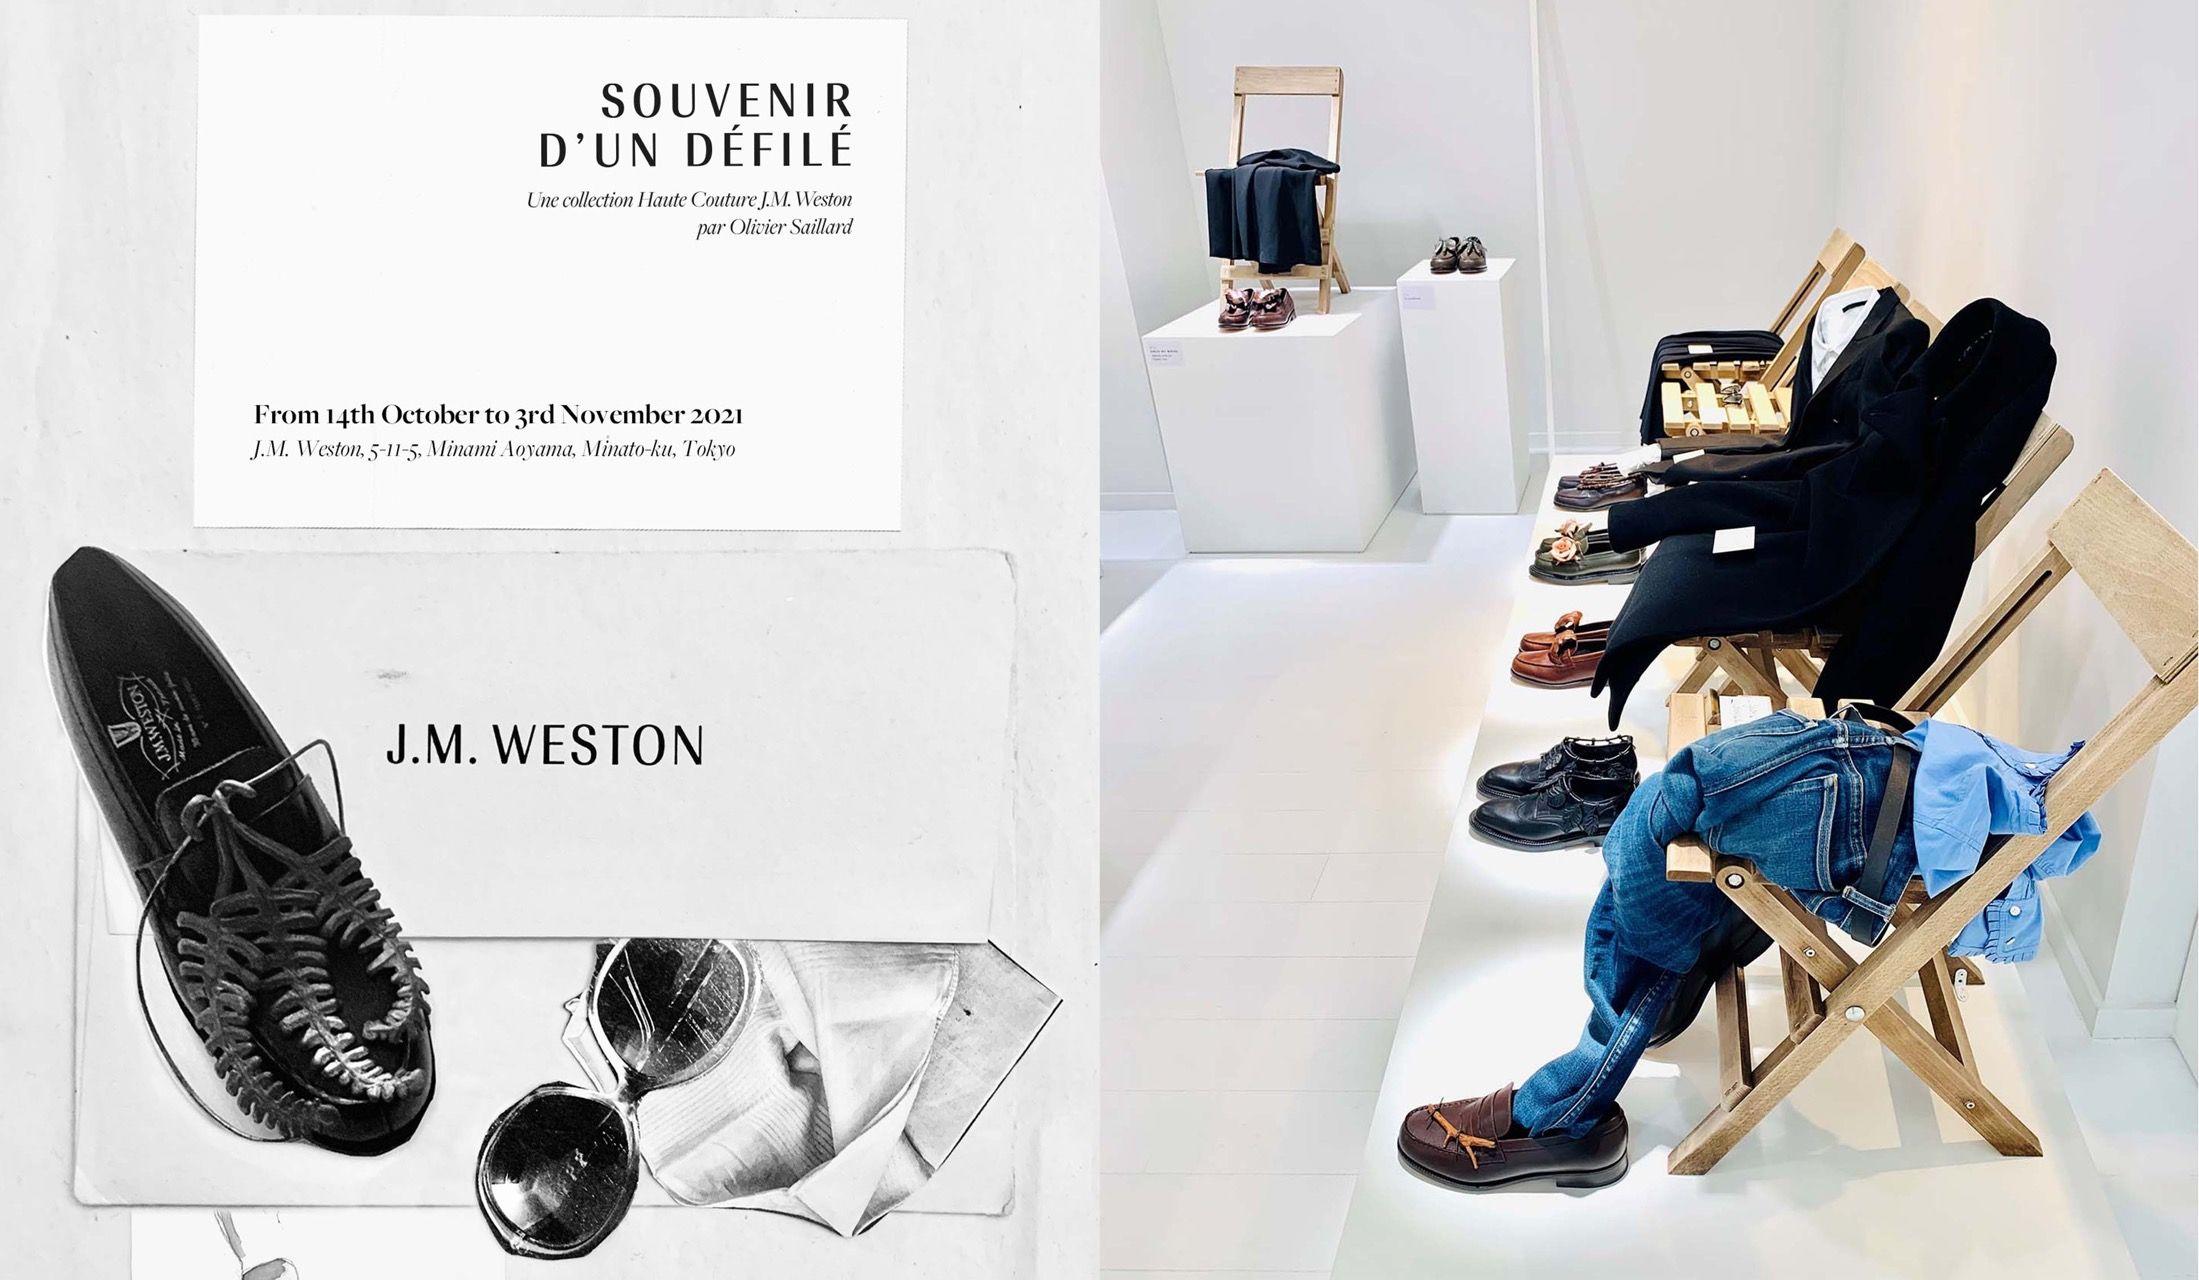 展示「Souvenir d'un defile(ショーの記憶)」